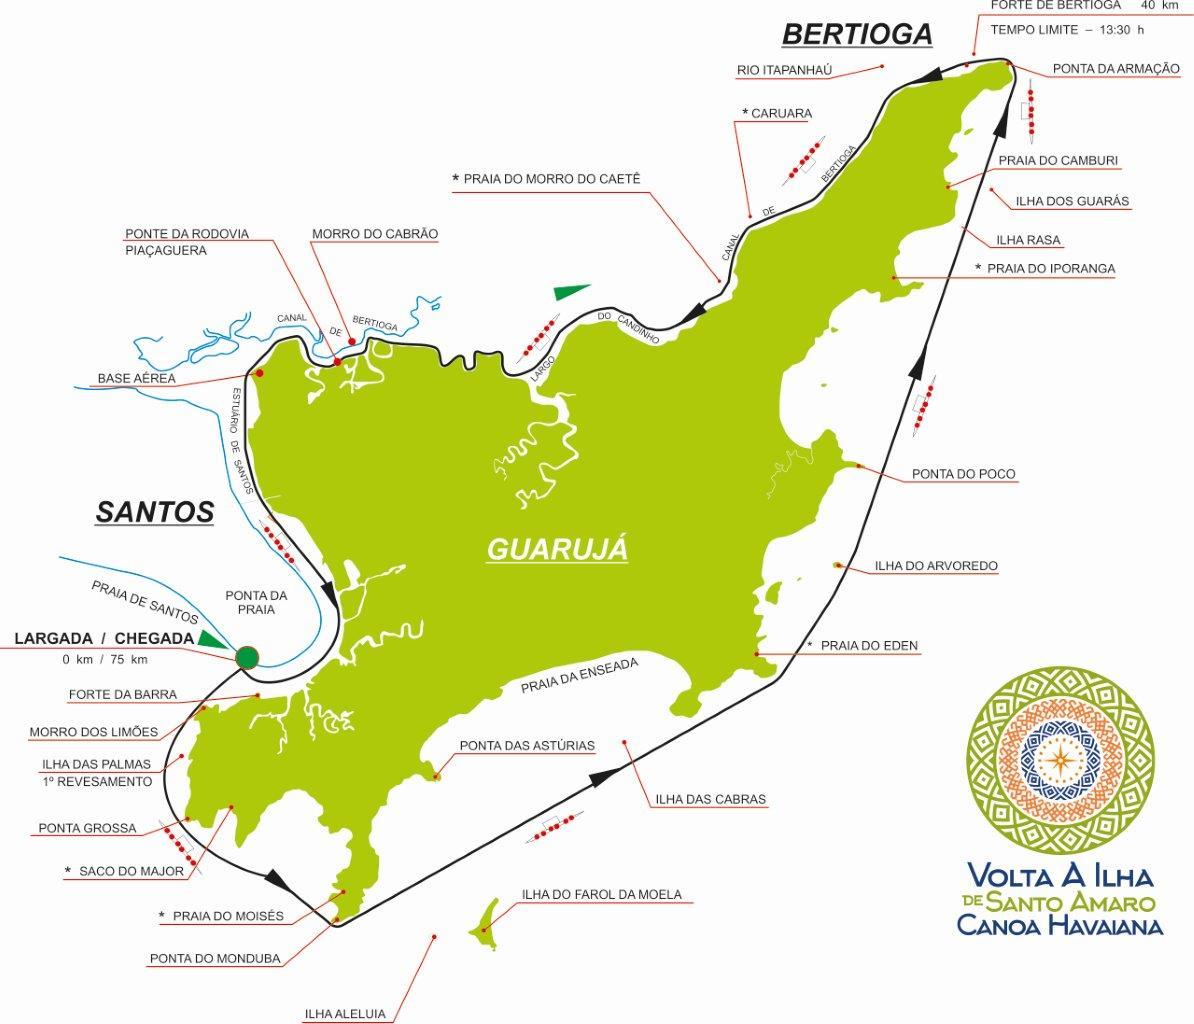 mapa-volta-a-ilha-2017